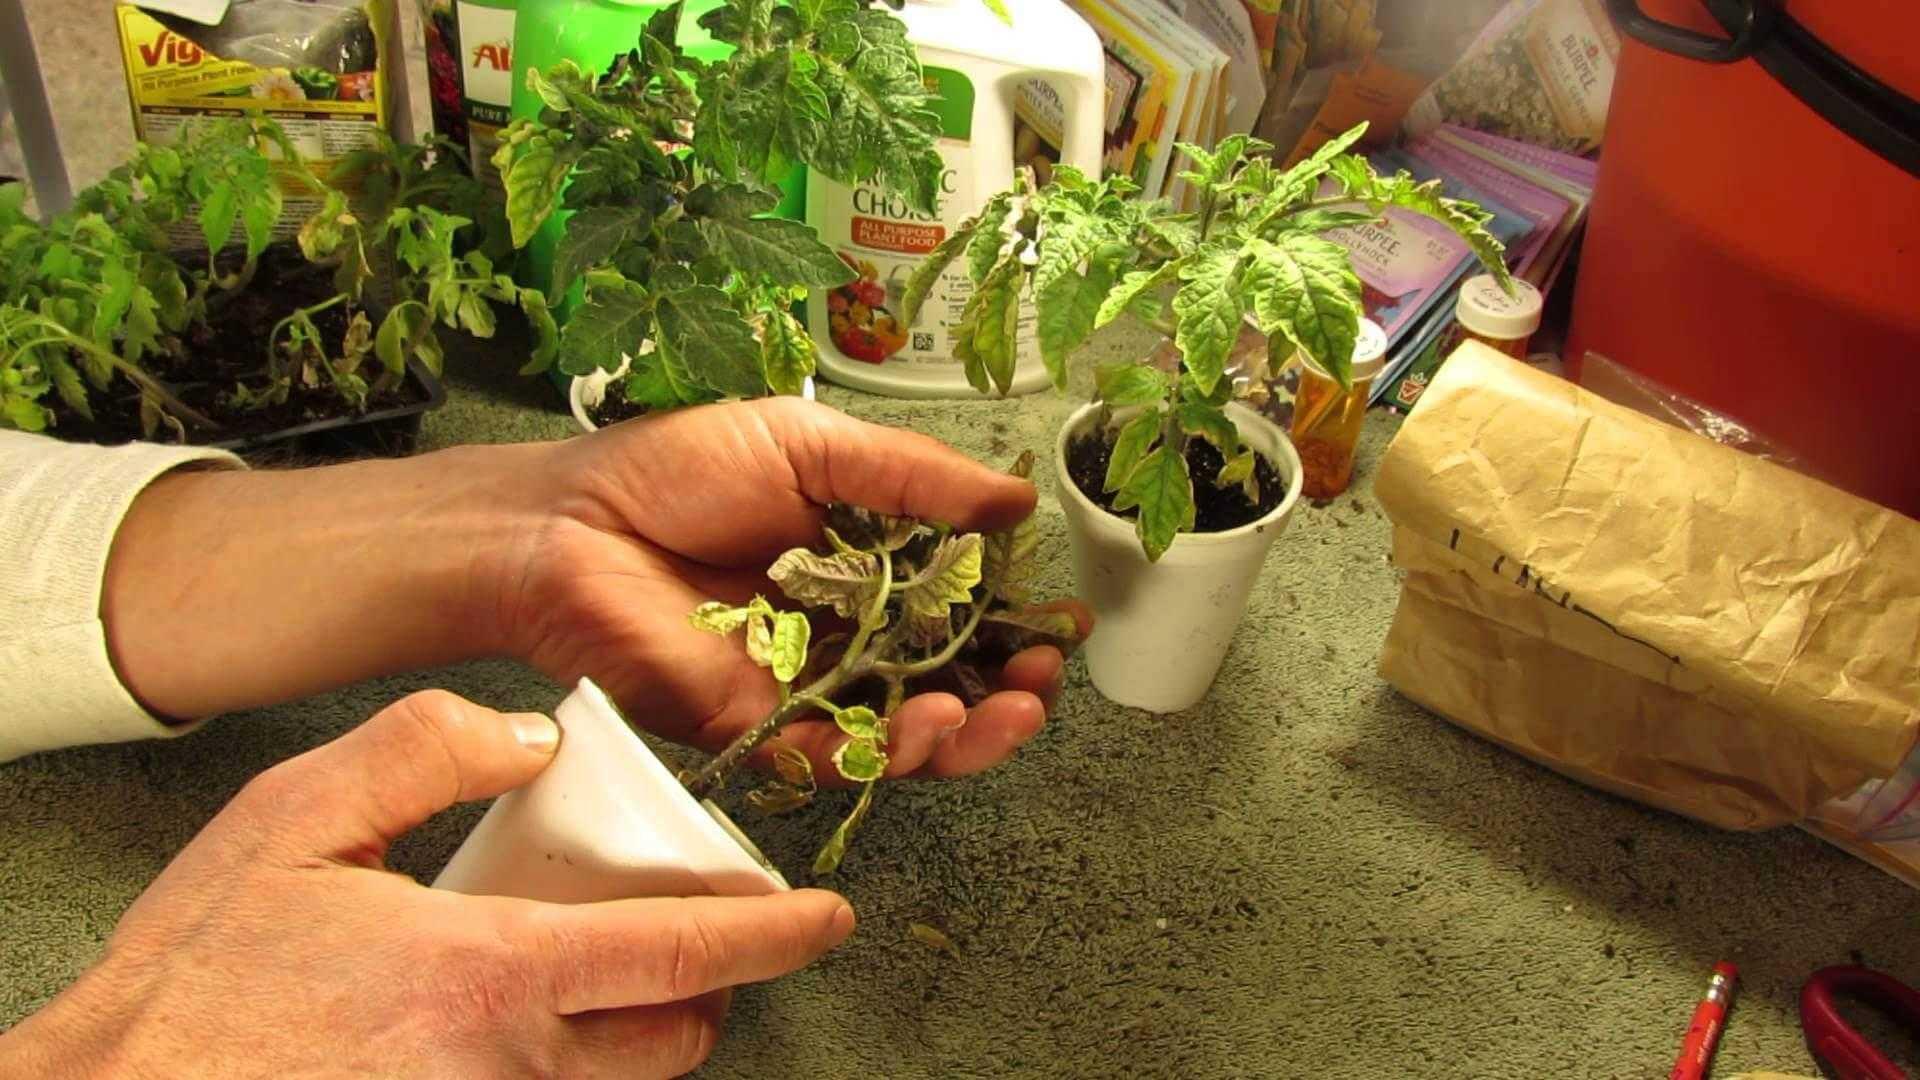 Китайский способ выращивания рассады томатов: что это за метод разведения помидоров, каковы плюсы и минусы технологии, как соблюсти все нюансы от